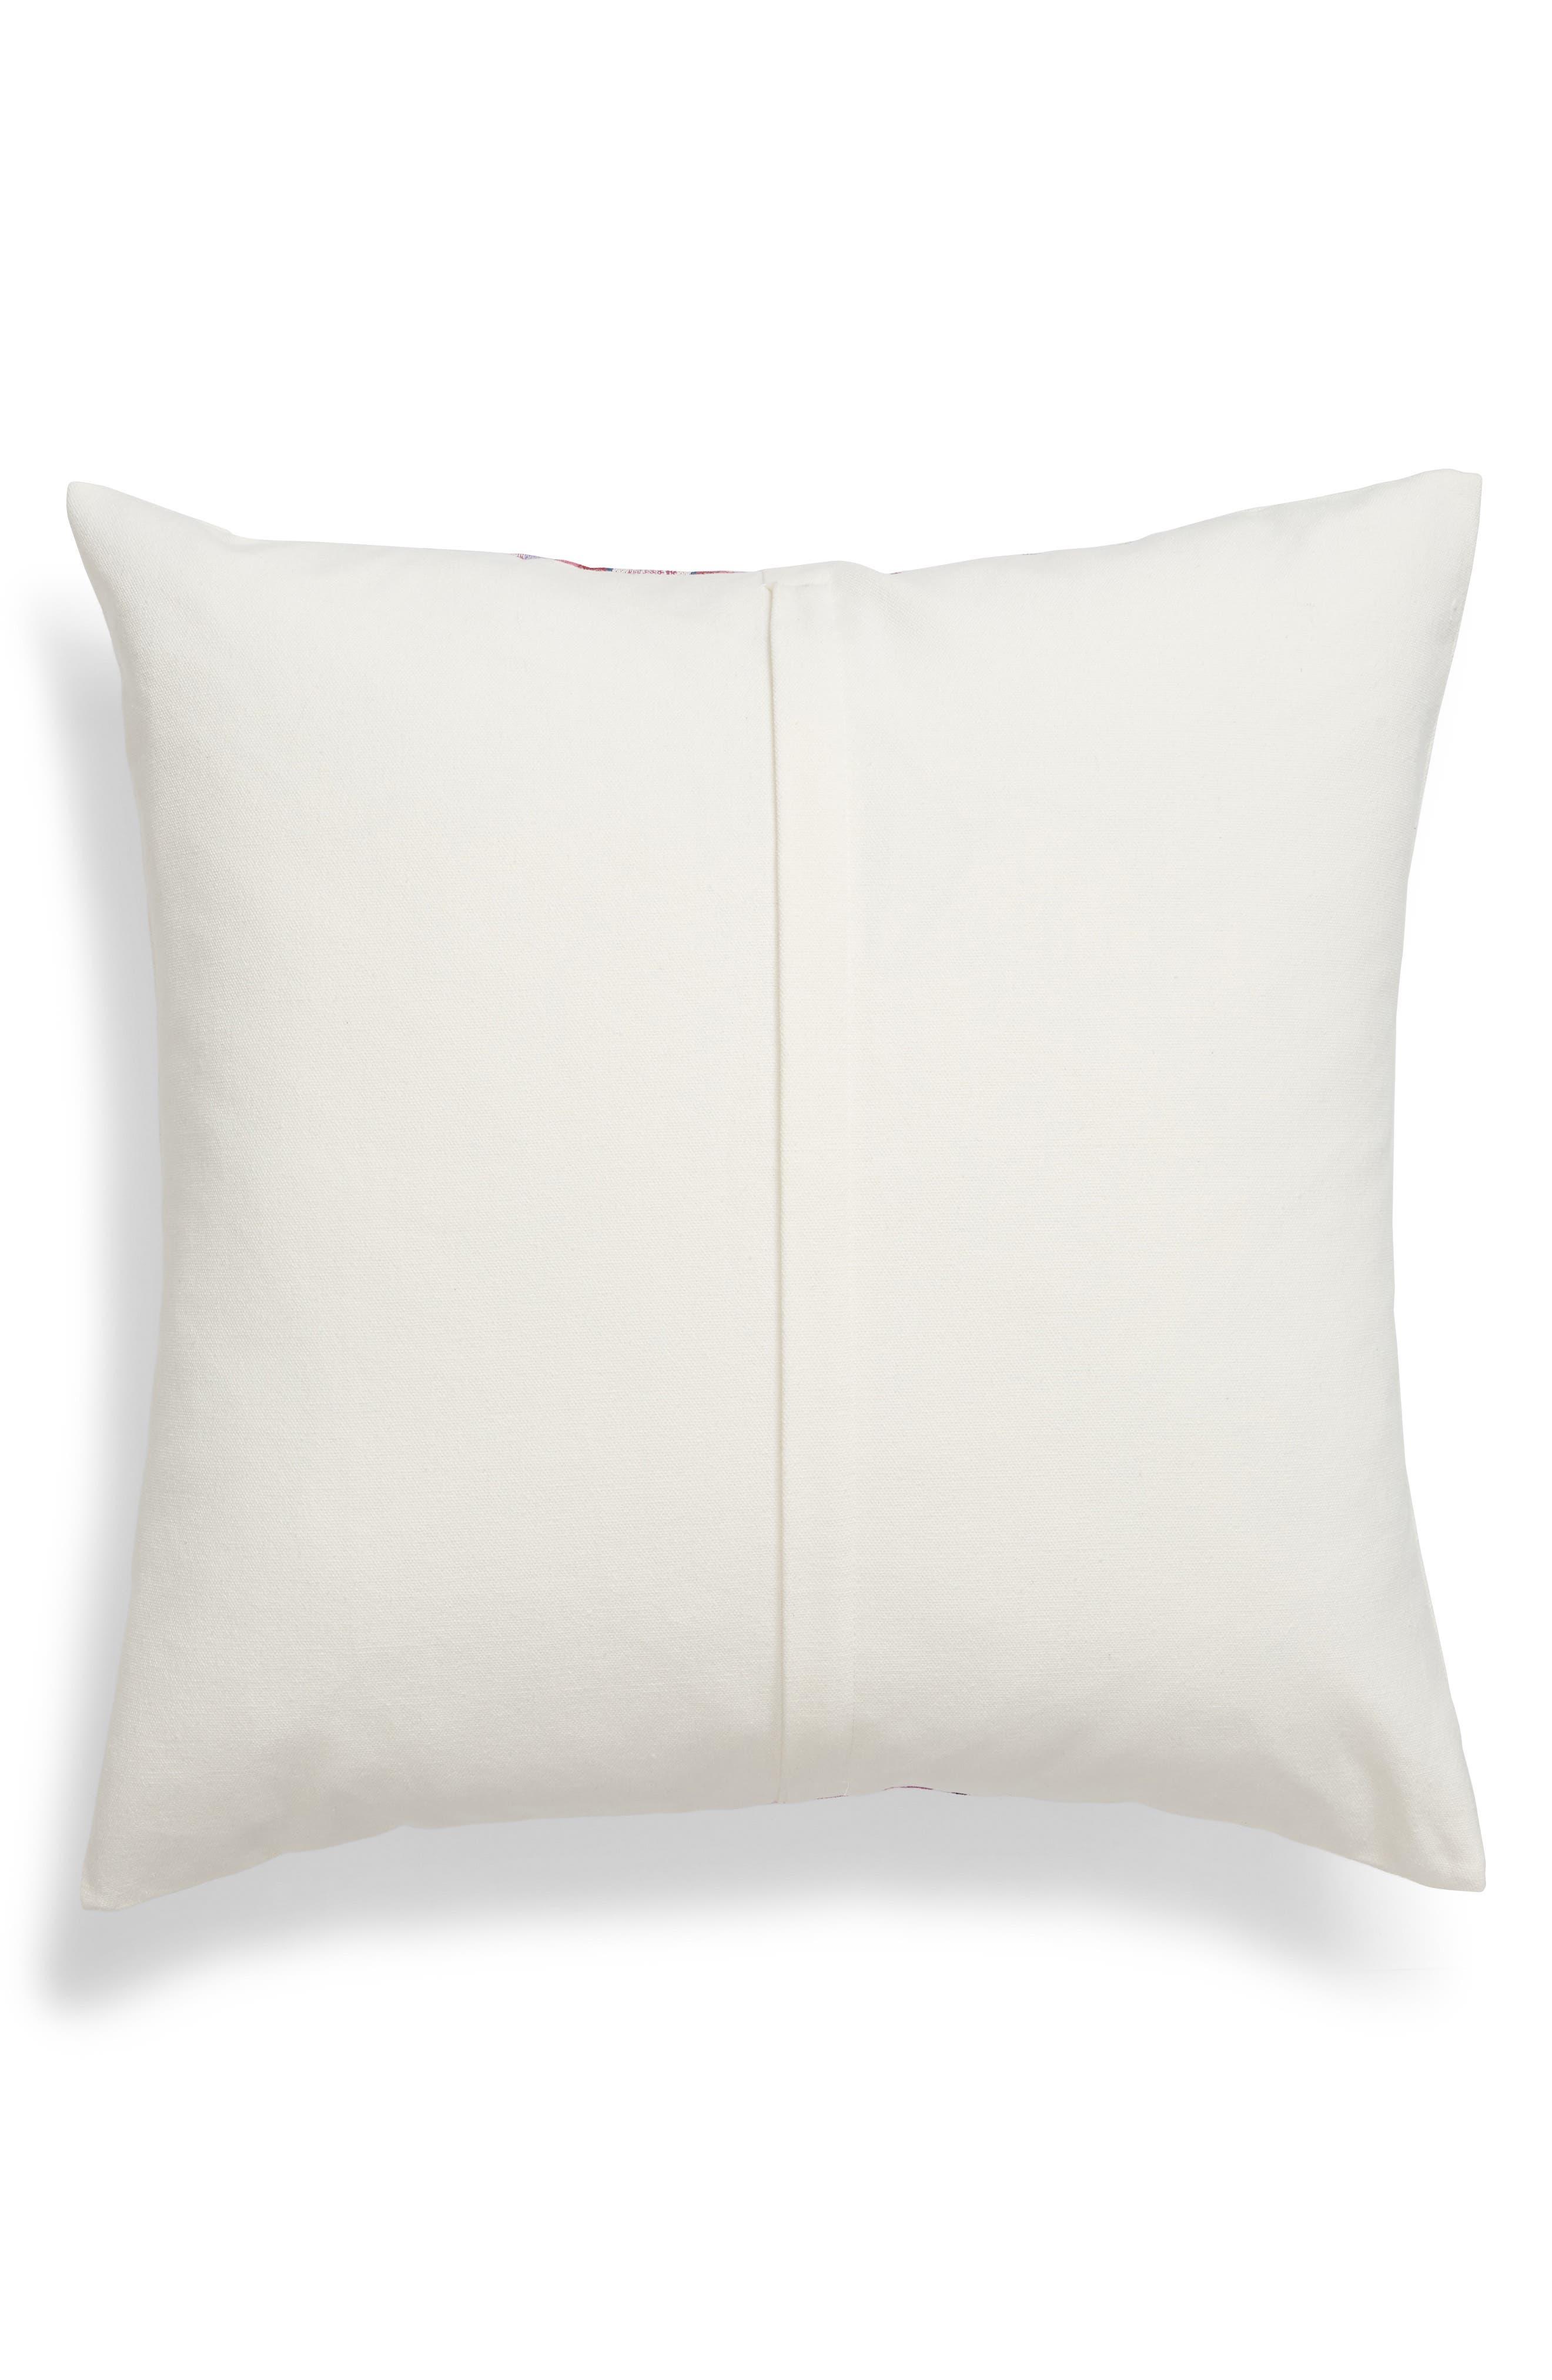 Serape Stripe Pillow,                             Alternate thumbnail 2, color,                             Multi